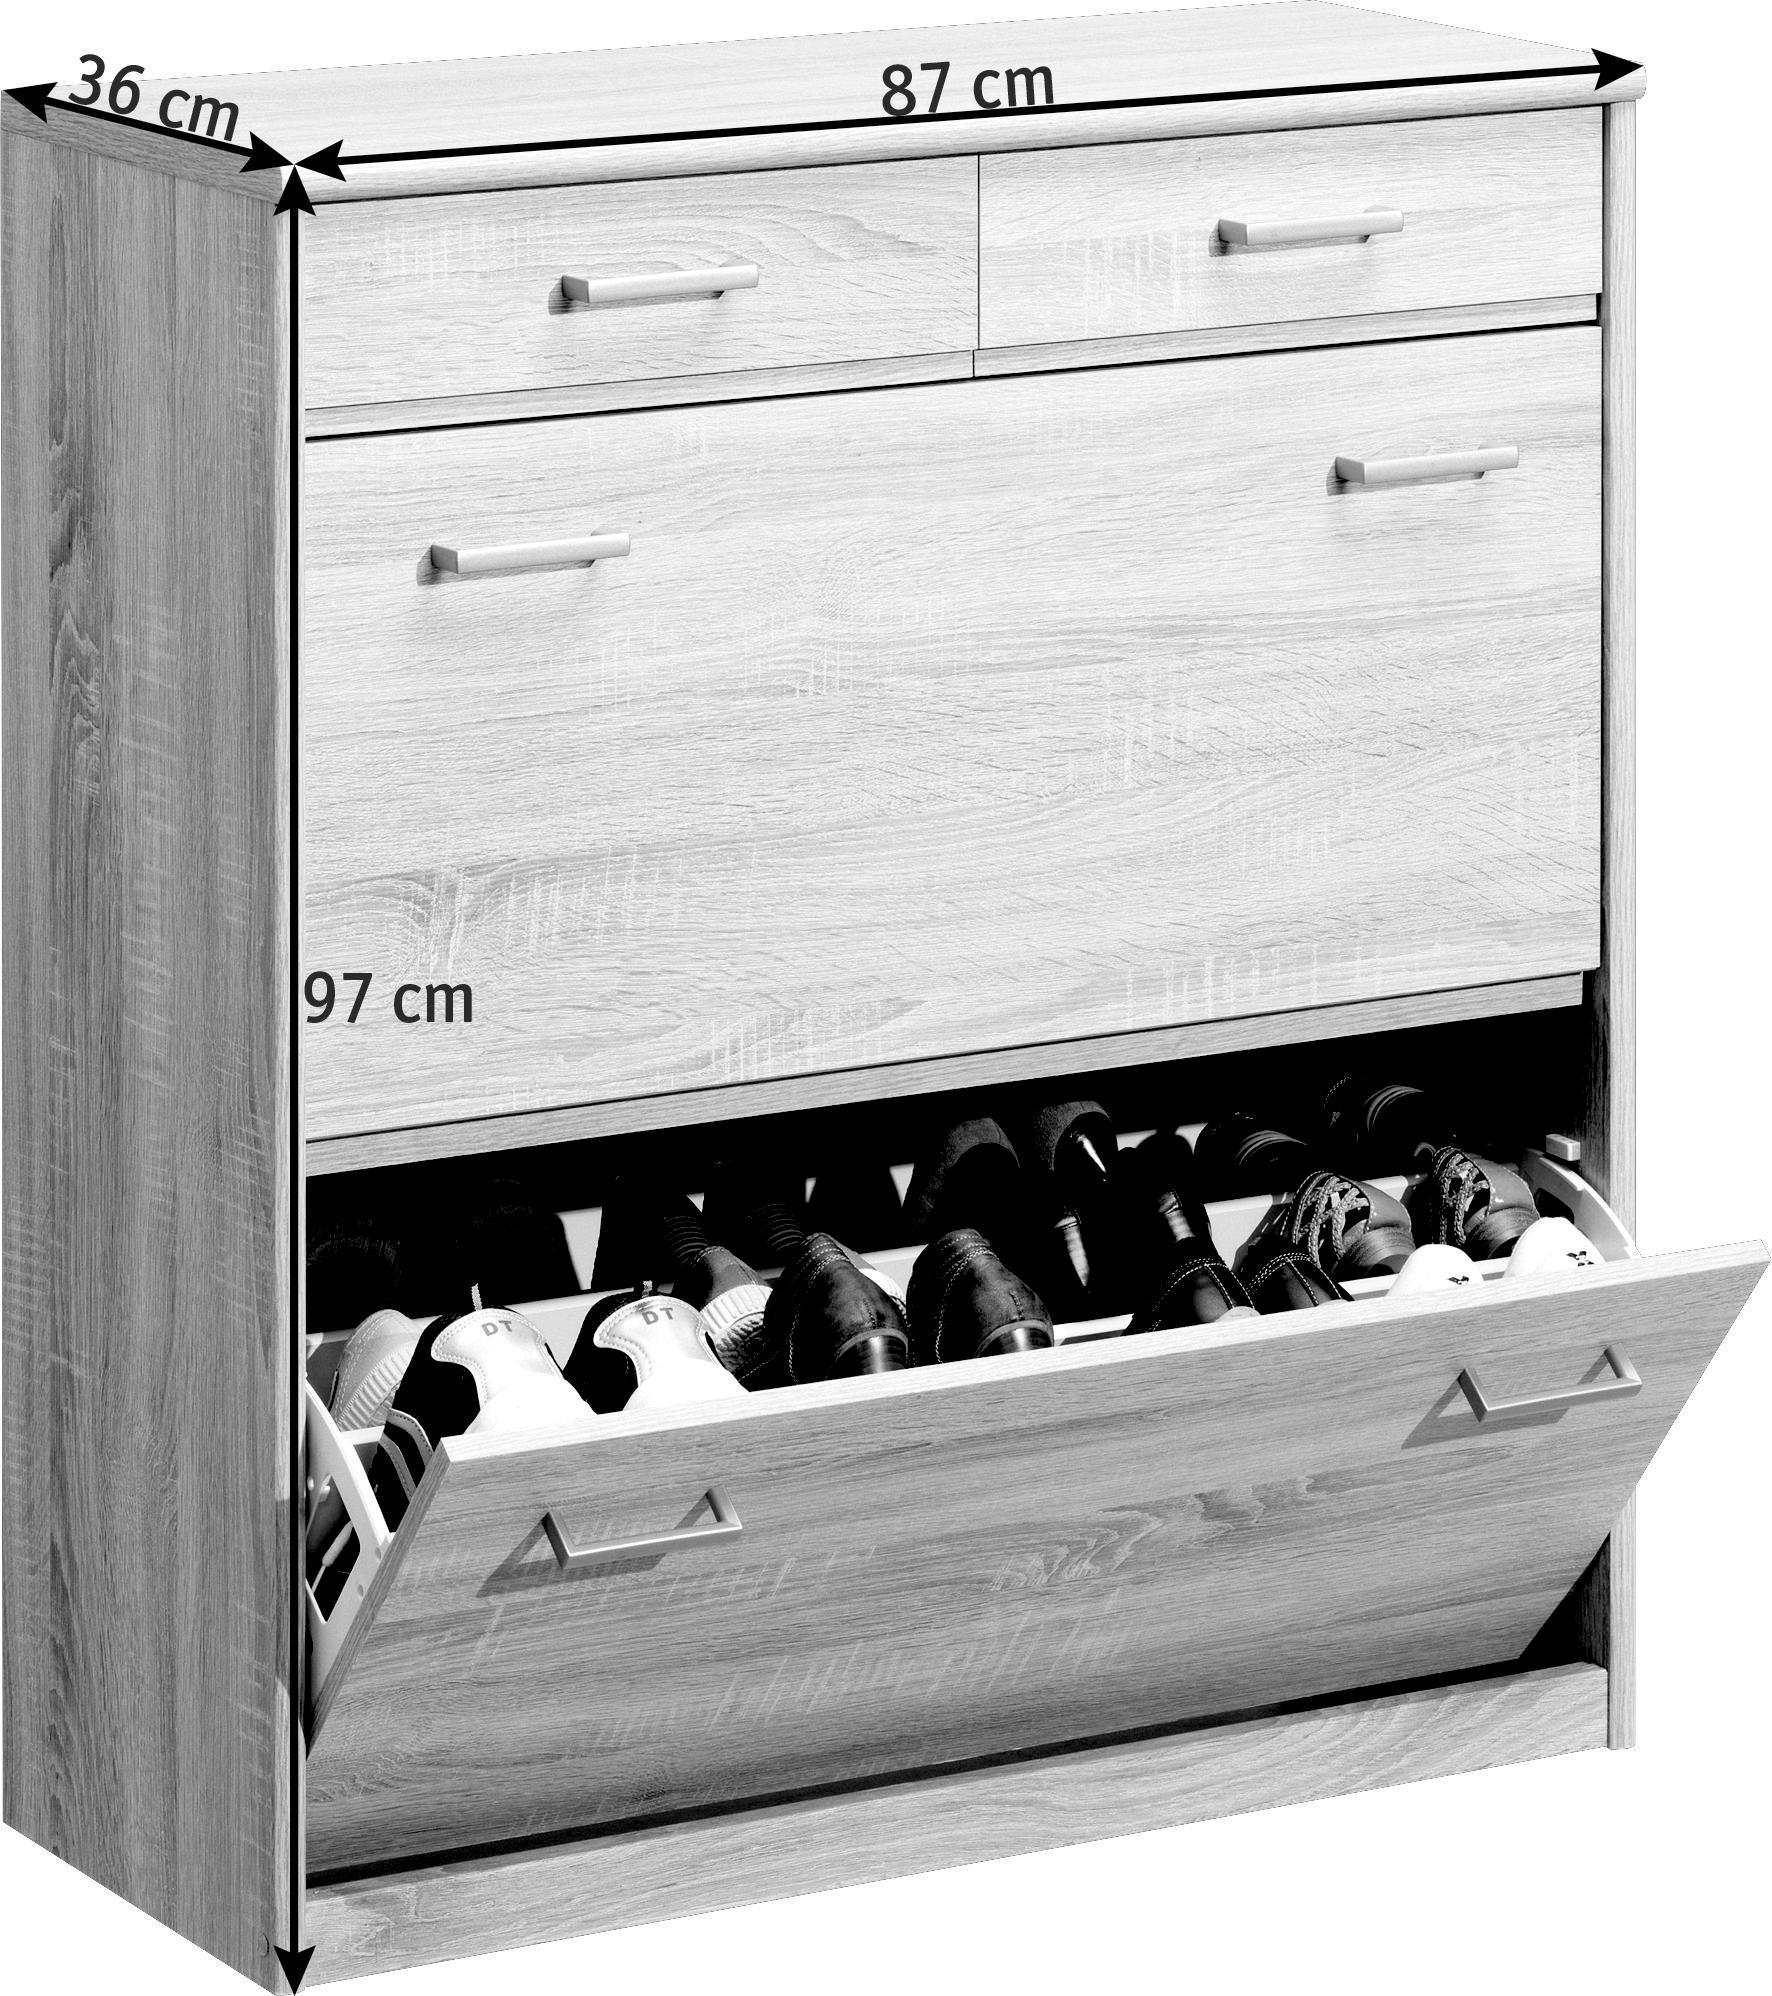 SKOSKÅP MED LUCKOR - silver/ekfärgad, Klassisk, träbaserade material/plast (87/97/36cm) - CS SCHMAL